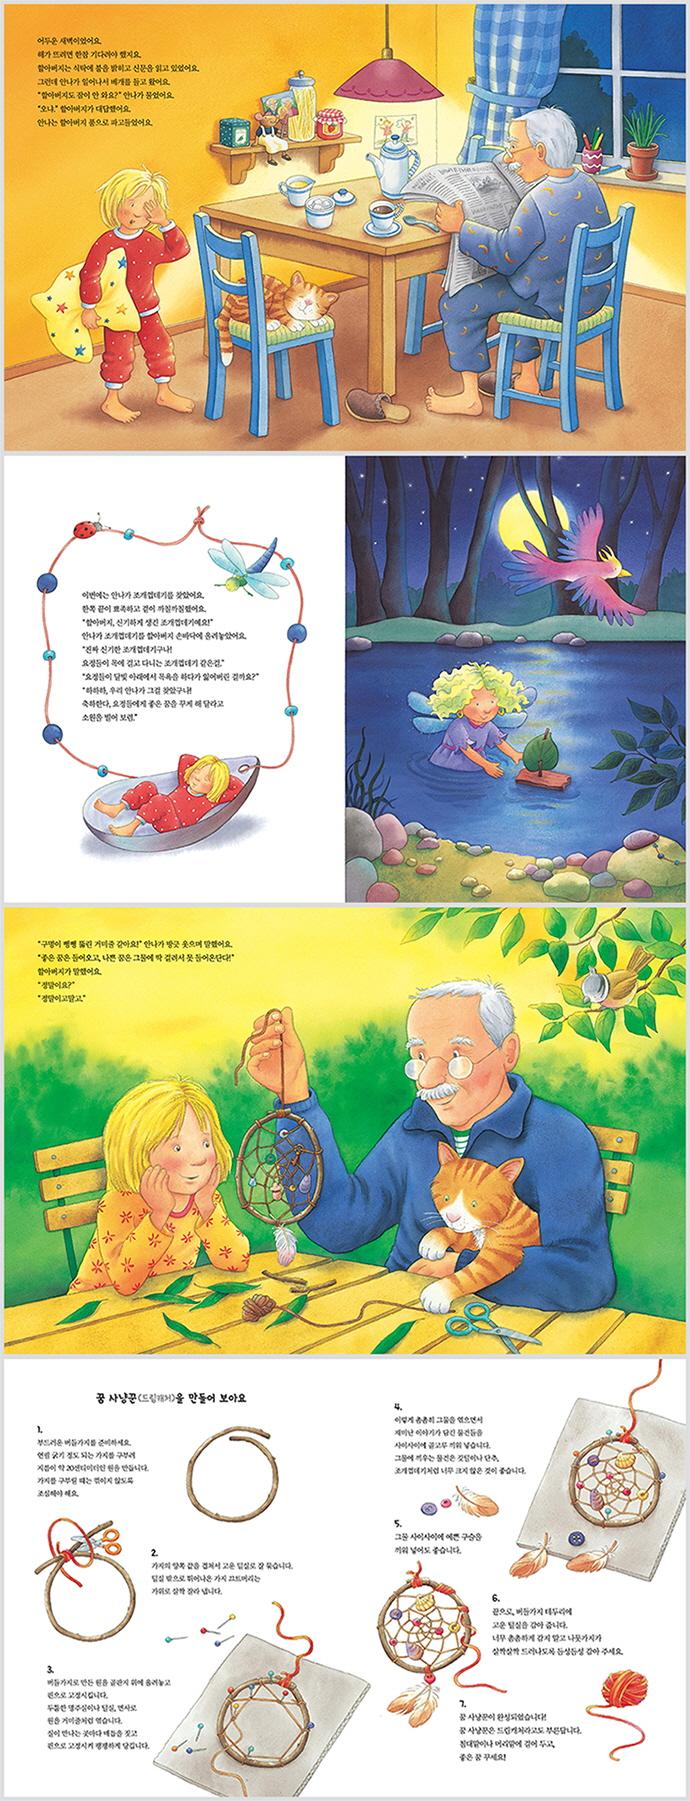 좋은 꿈을 꾸고 싶어(떡잎그림책 8)(양장본 HardCover) 도서 상세이미지